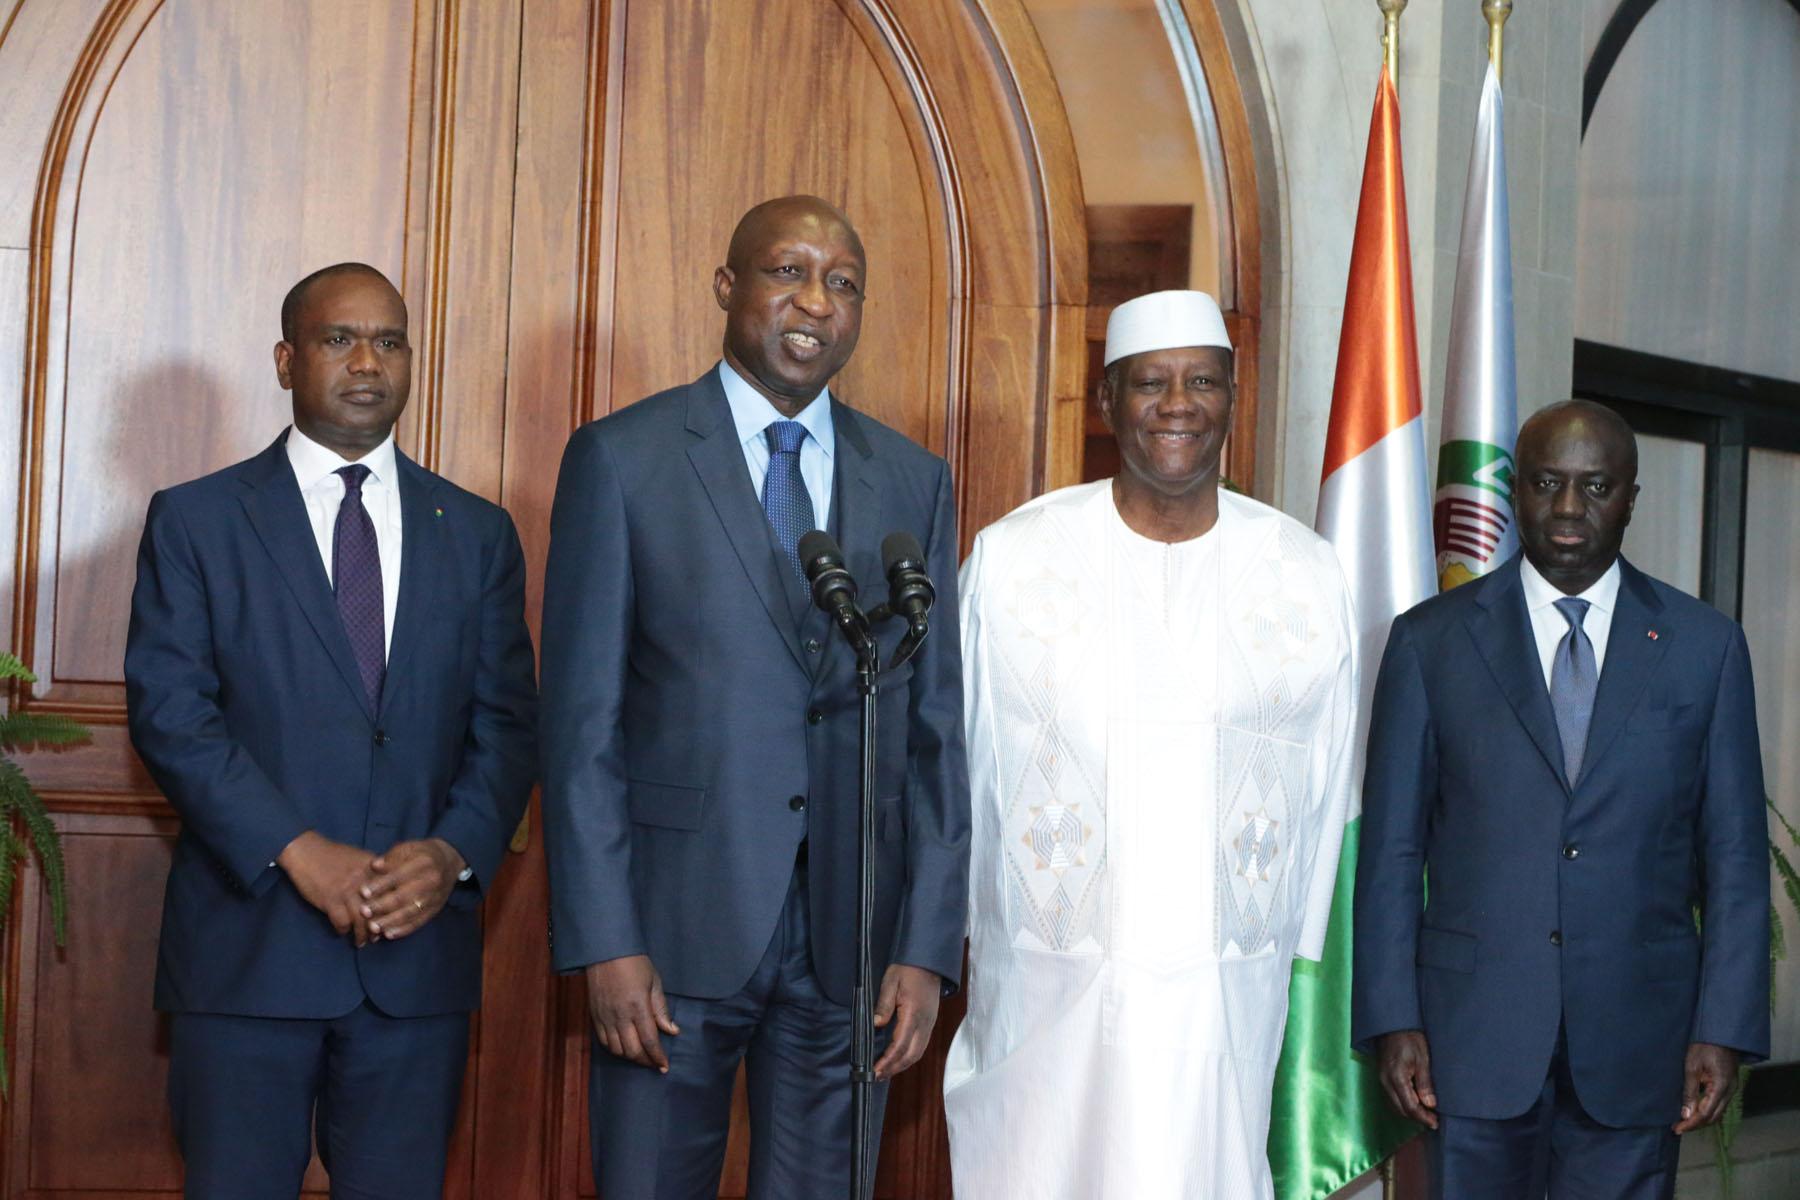 Le Chef de l'Etat a échangé avec le Premier Ministre du Burkina Faso et un Emissaire du Président de la Guinée-Equatoriale